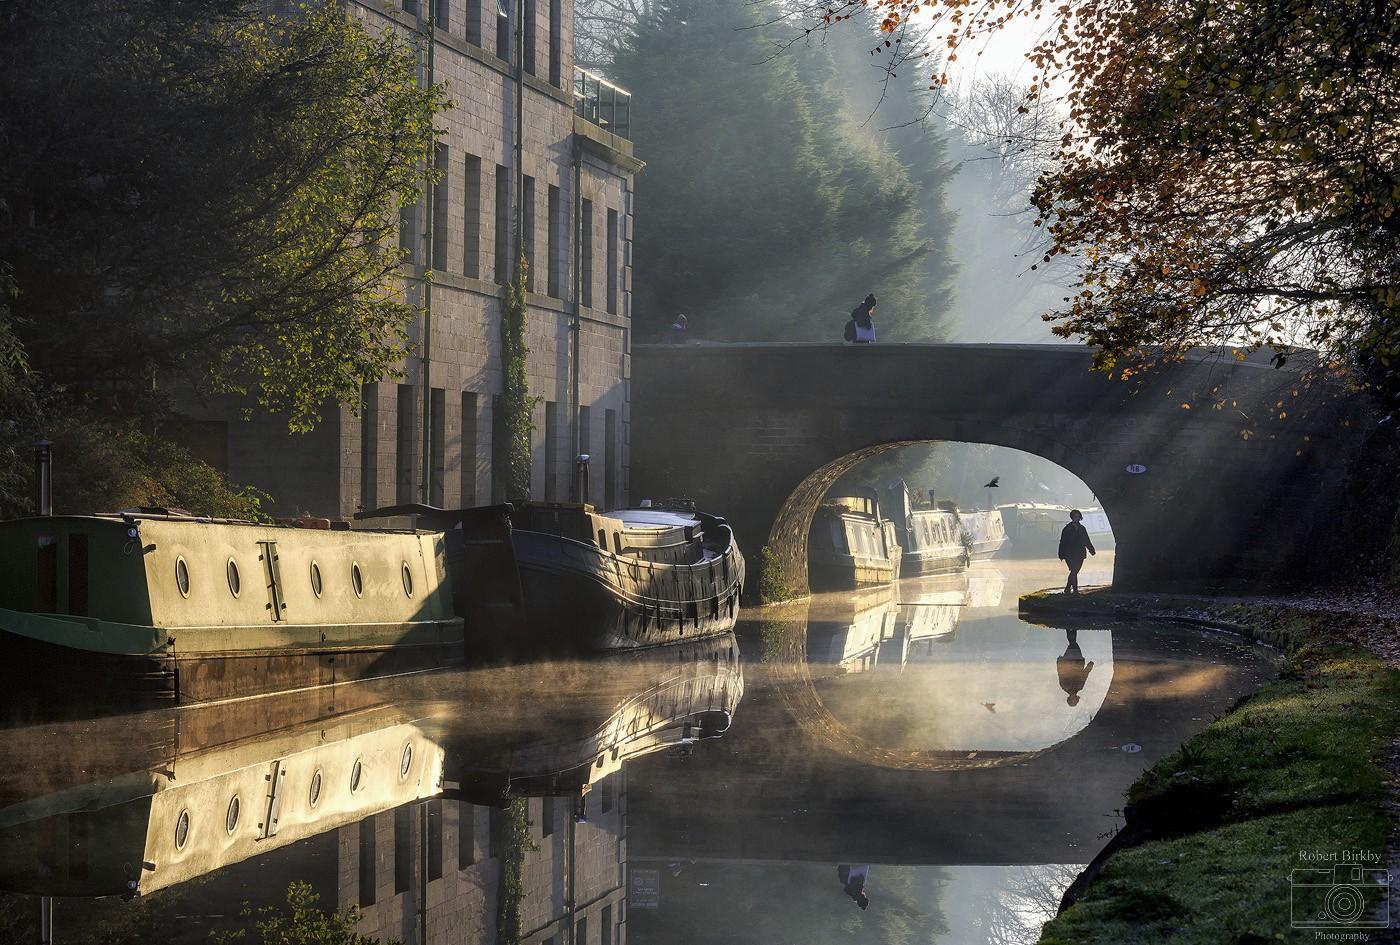 Canal Commuters - Calderdale Landscapes